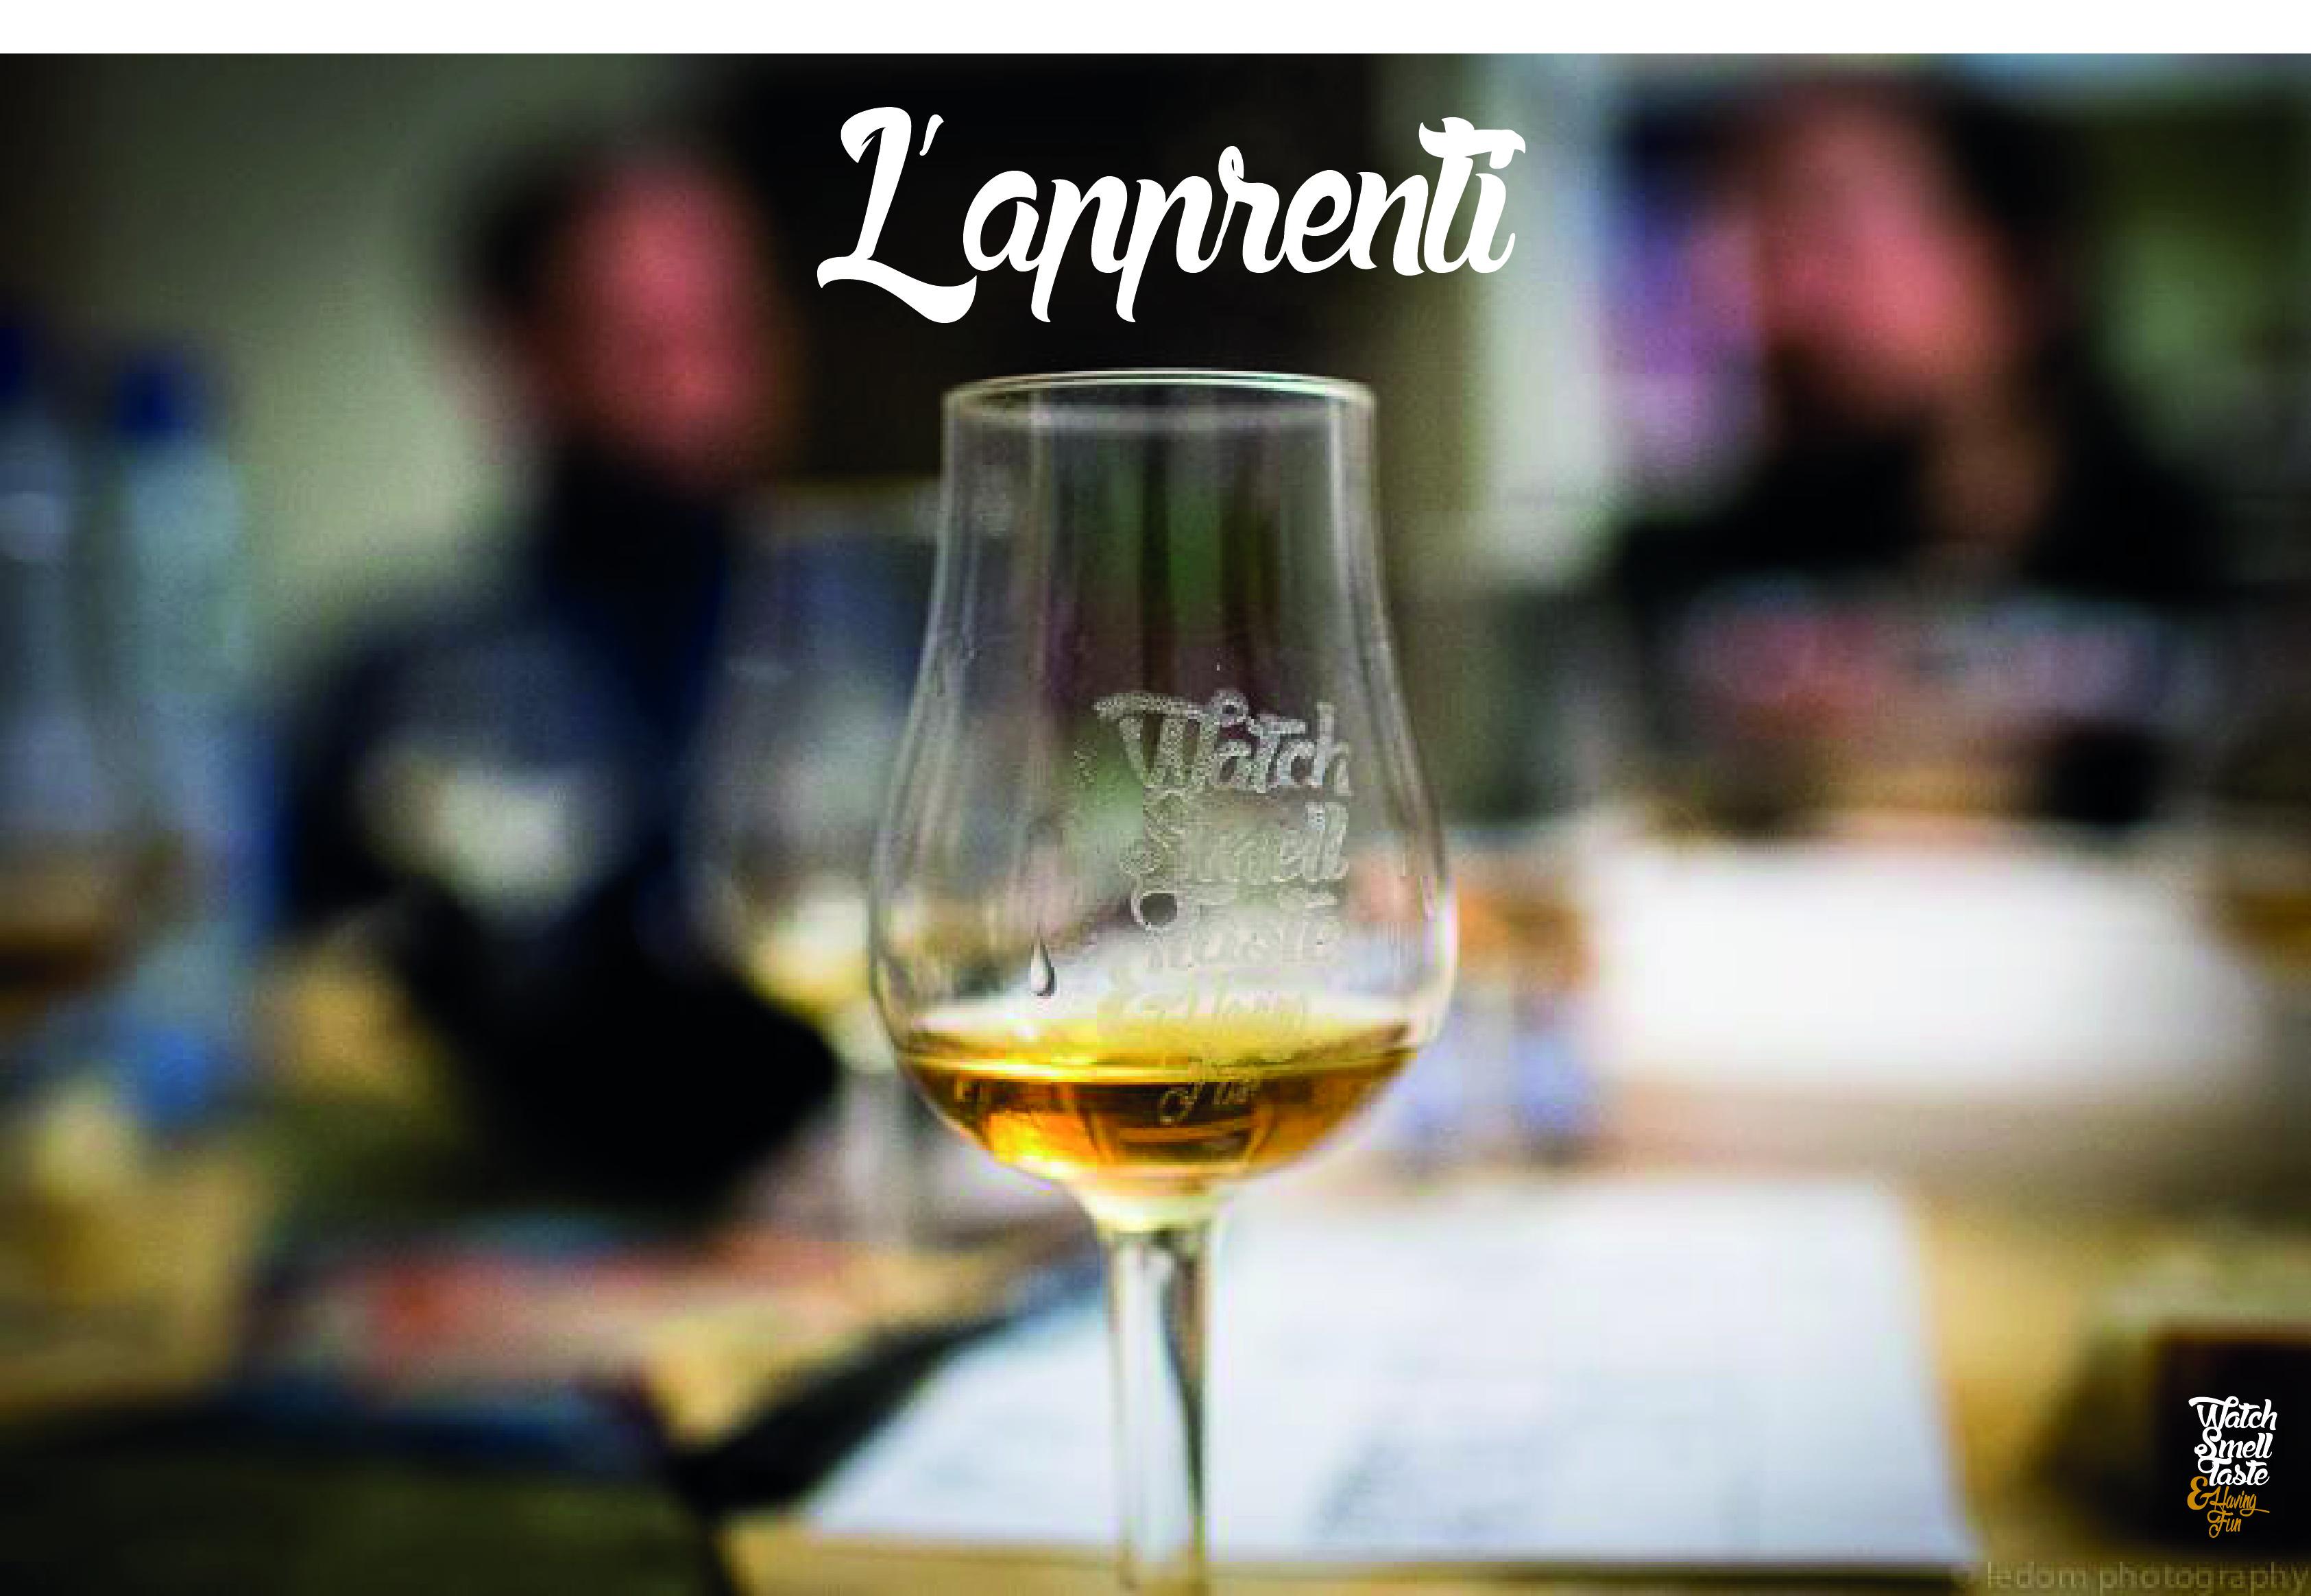 L_apprenti-1453026352.jpg